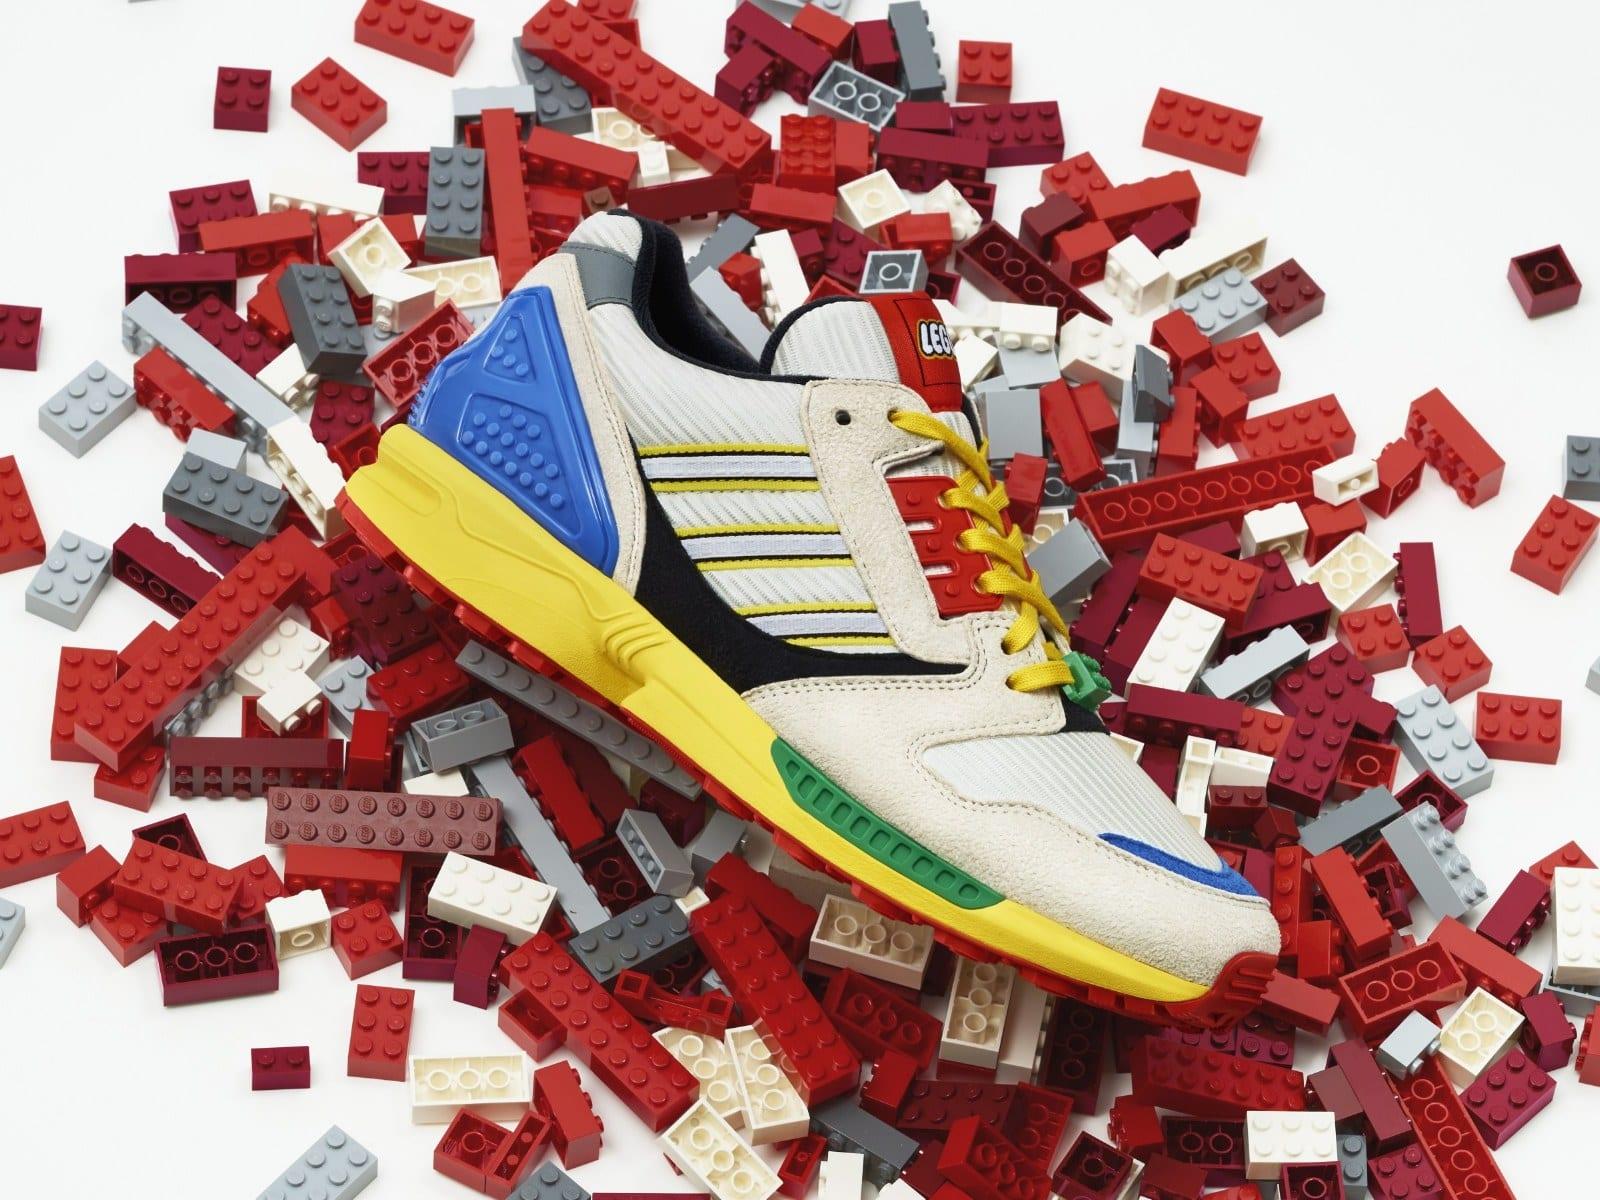 LEGO Adidas